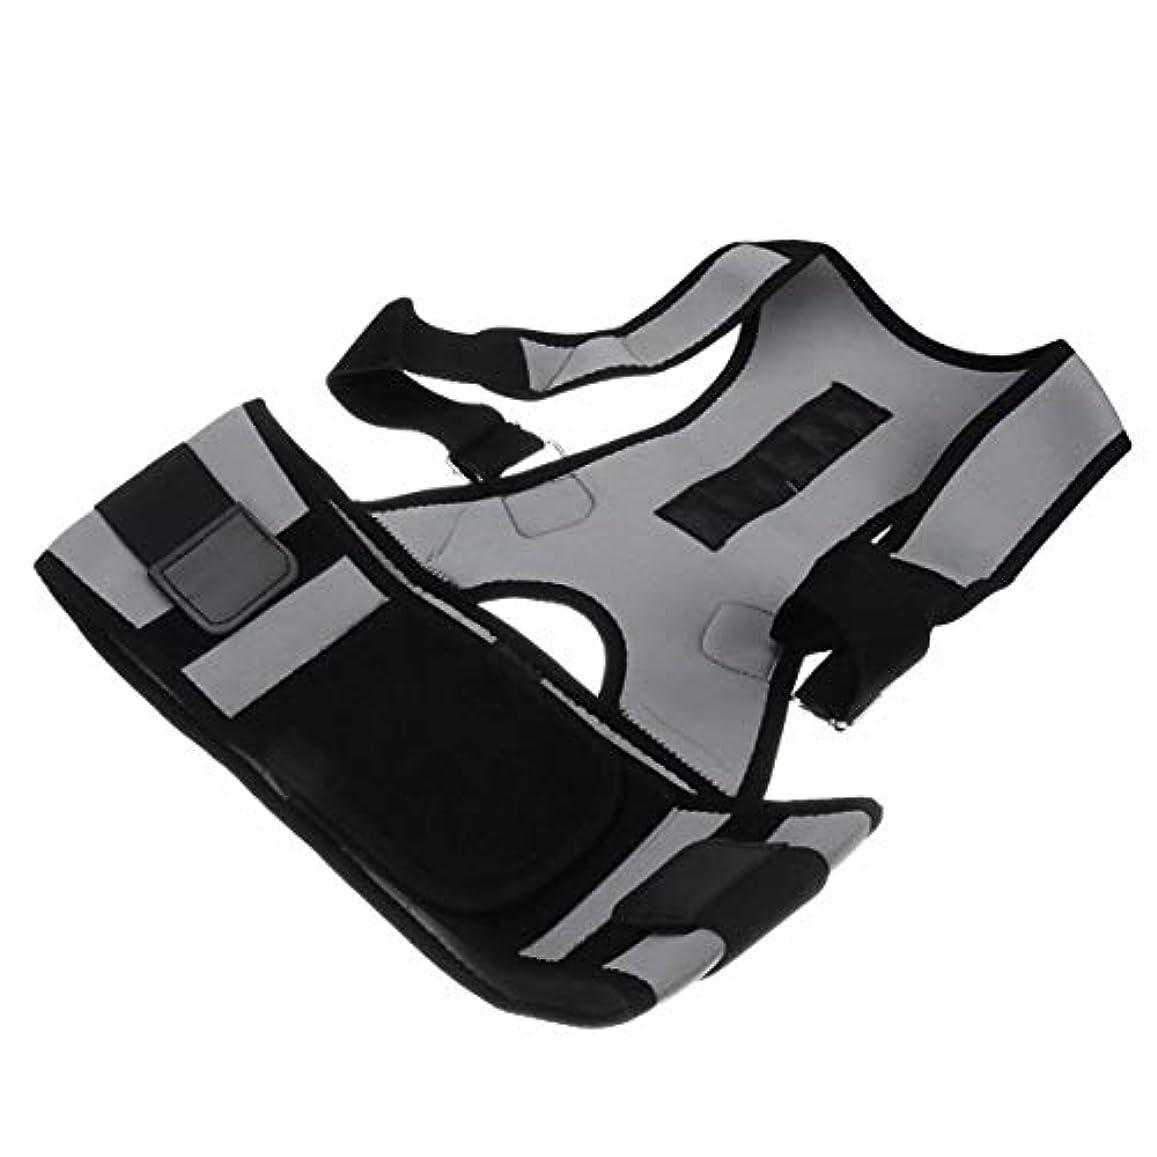 安全な素子偉業Intercorey姿勢矯正ベルト調節可能な姿勢矯正ユニセックスバックサポートショルダーランバーブレースベルト